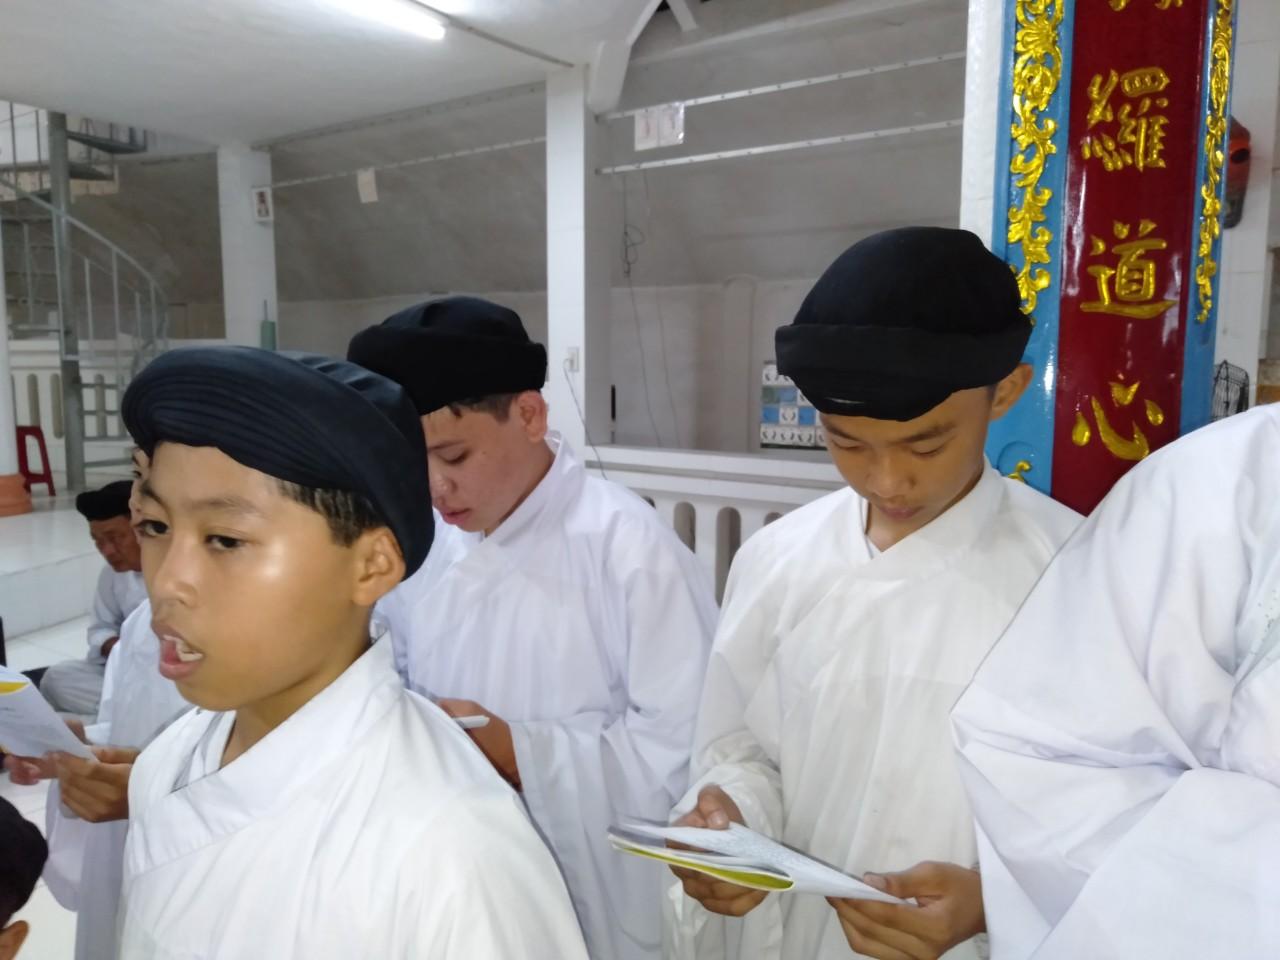 Lễ Khai Niên tai Tòa Thánh Định Tường 2019